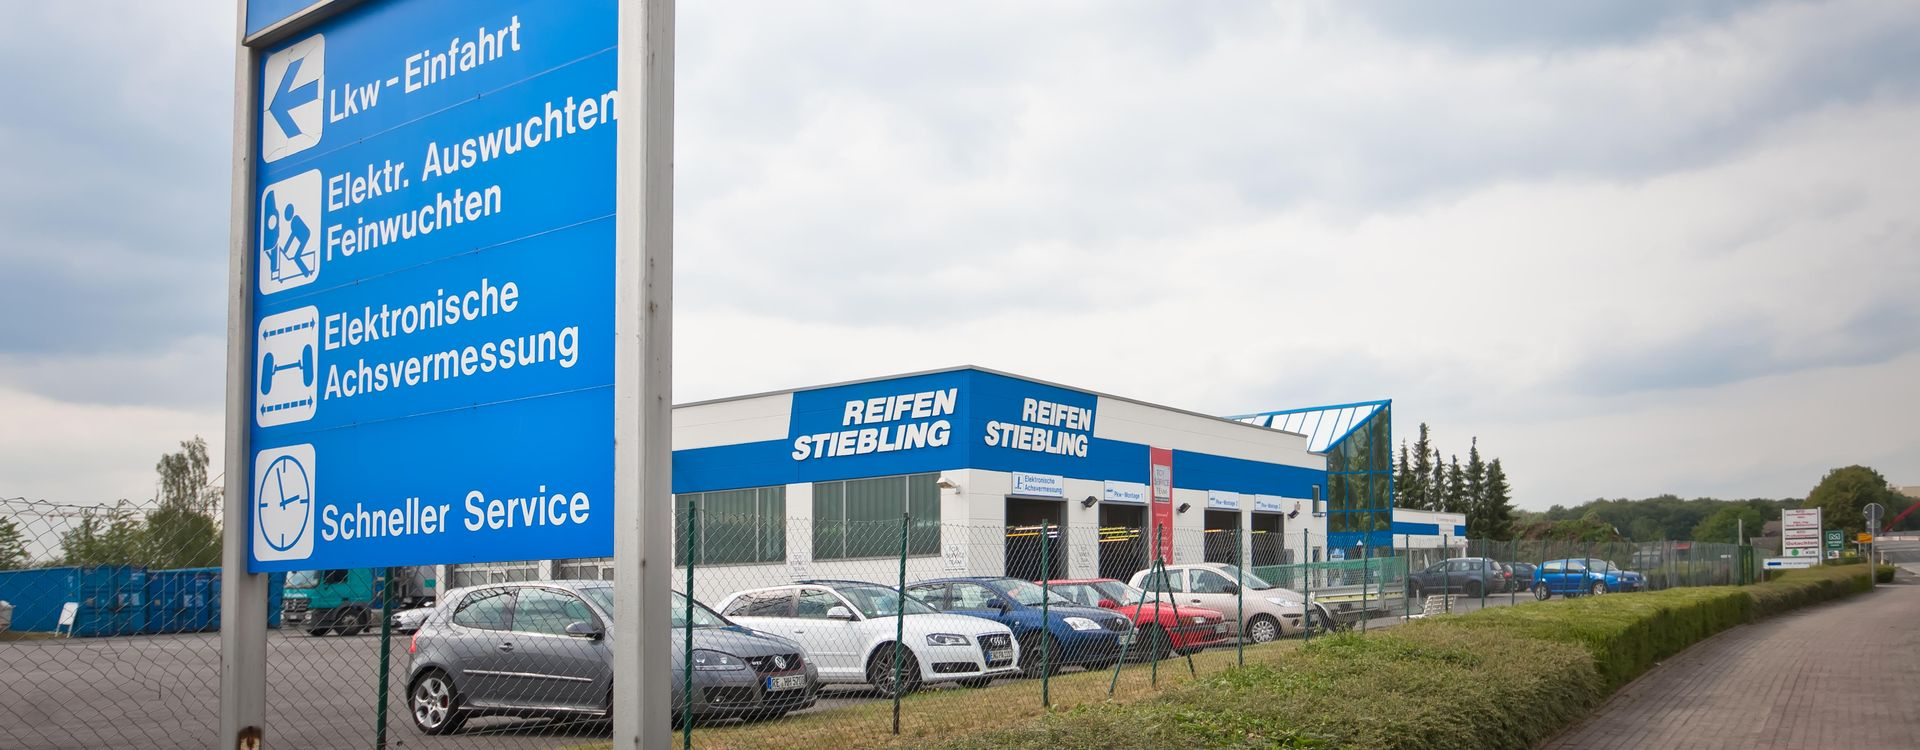 Reifen Stiebling Castrop Rauxel